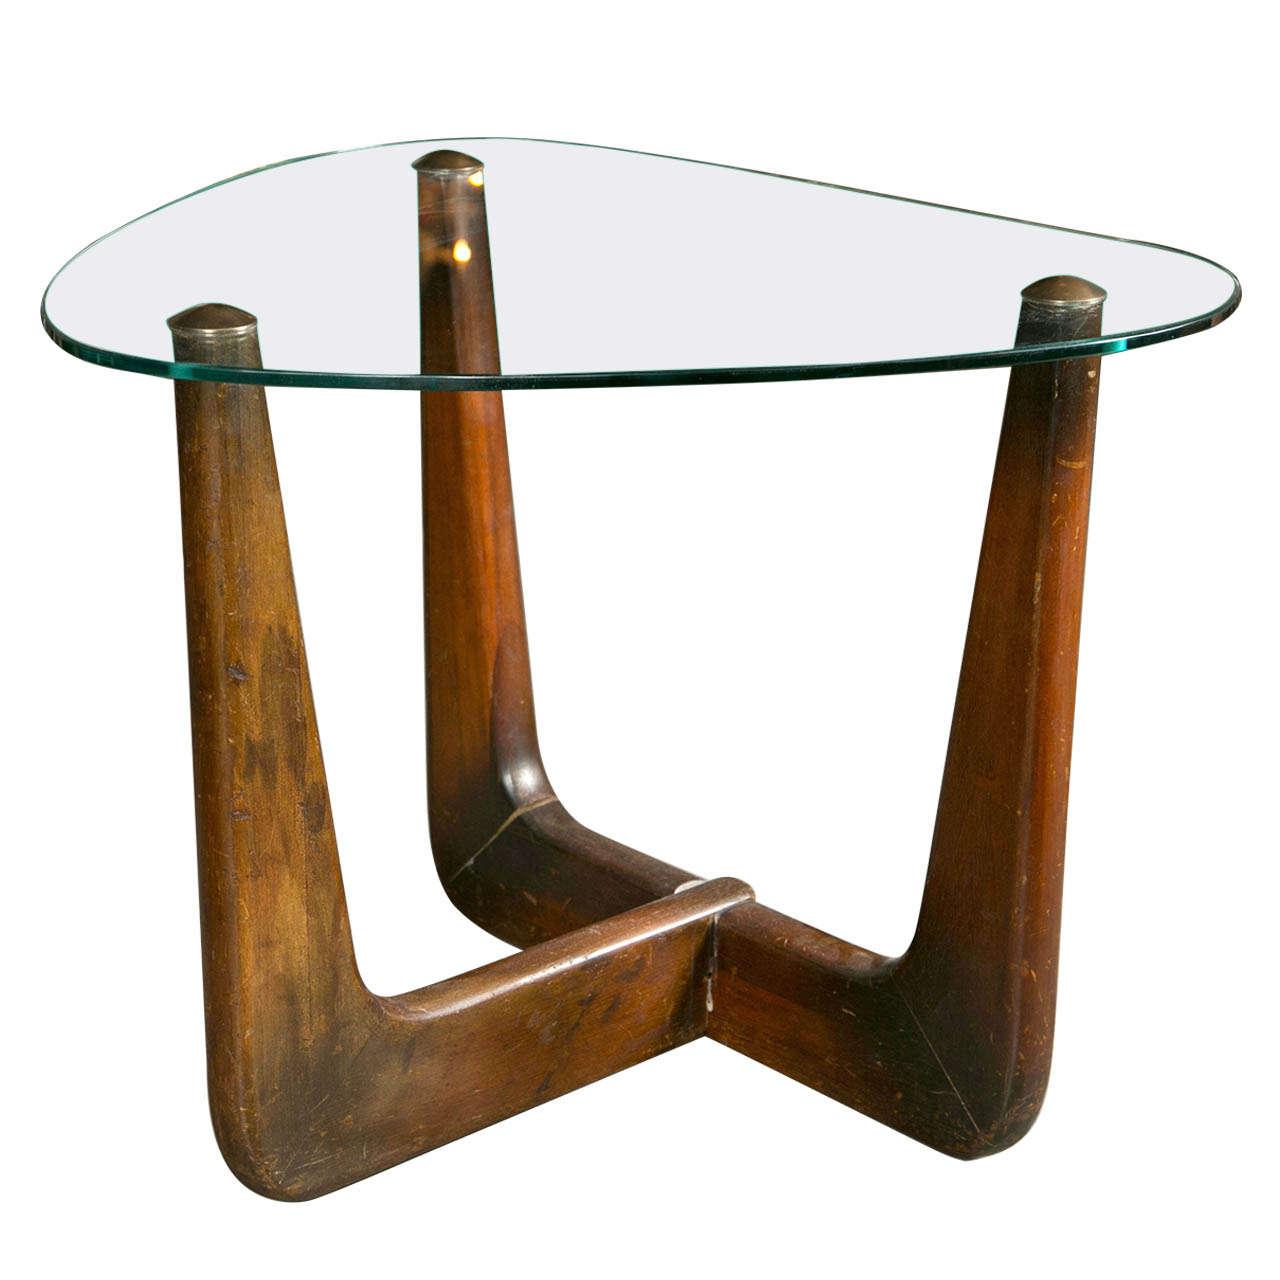 Side Table in the style of Finn Juhl